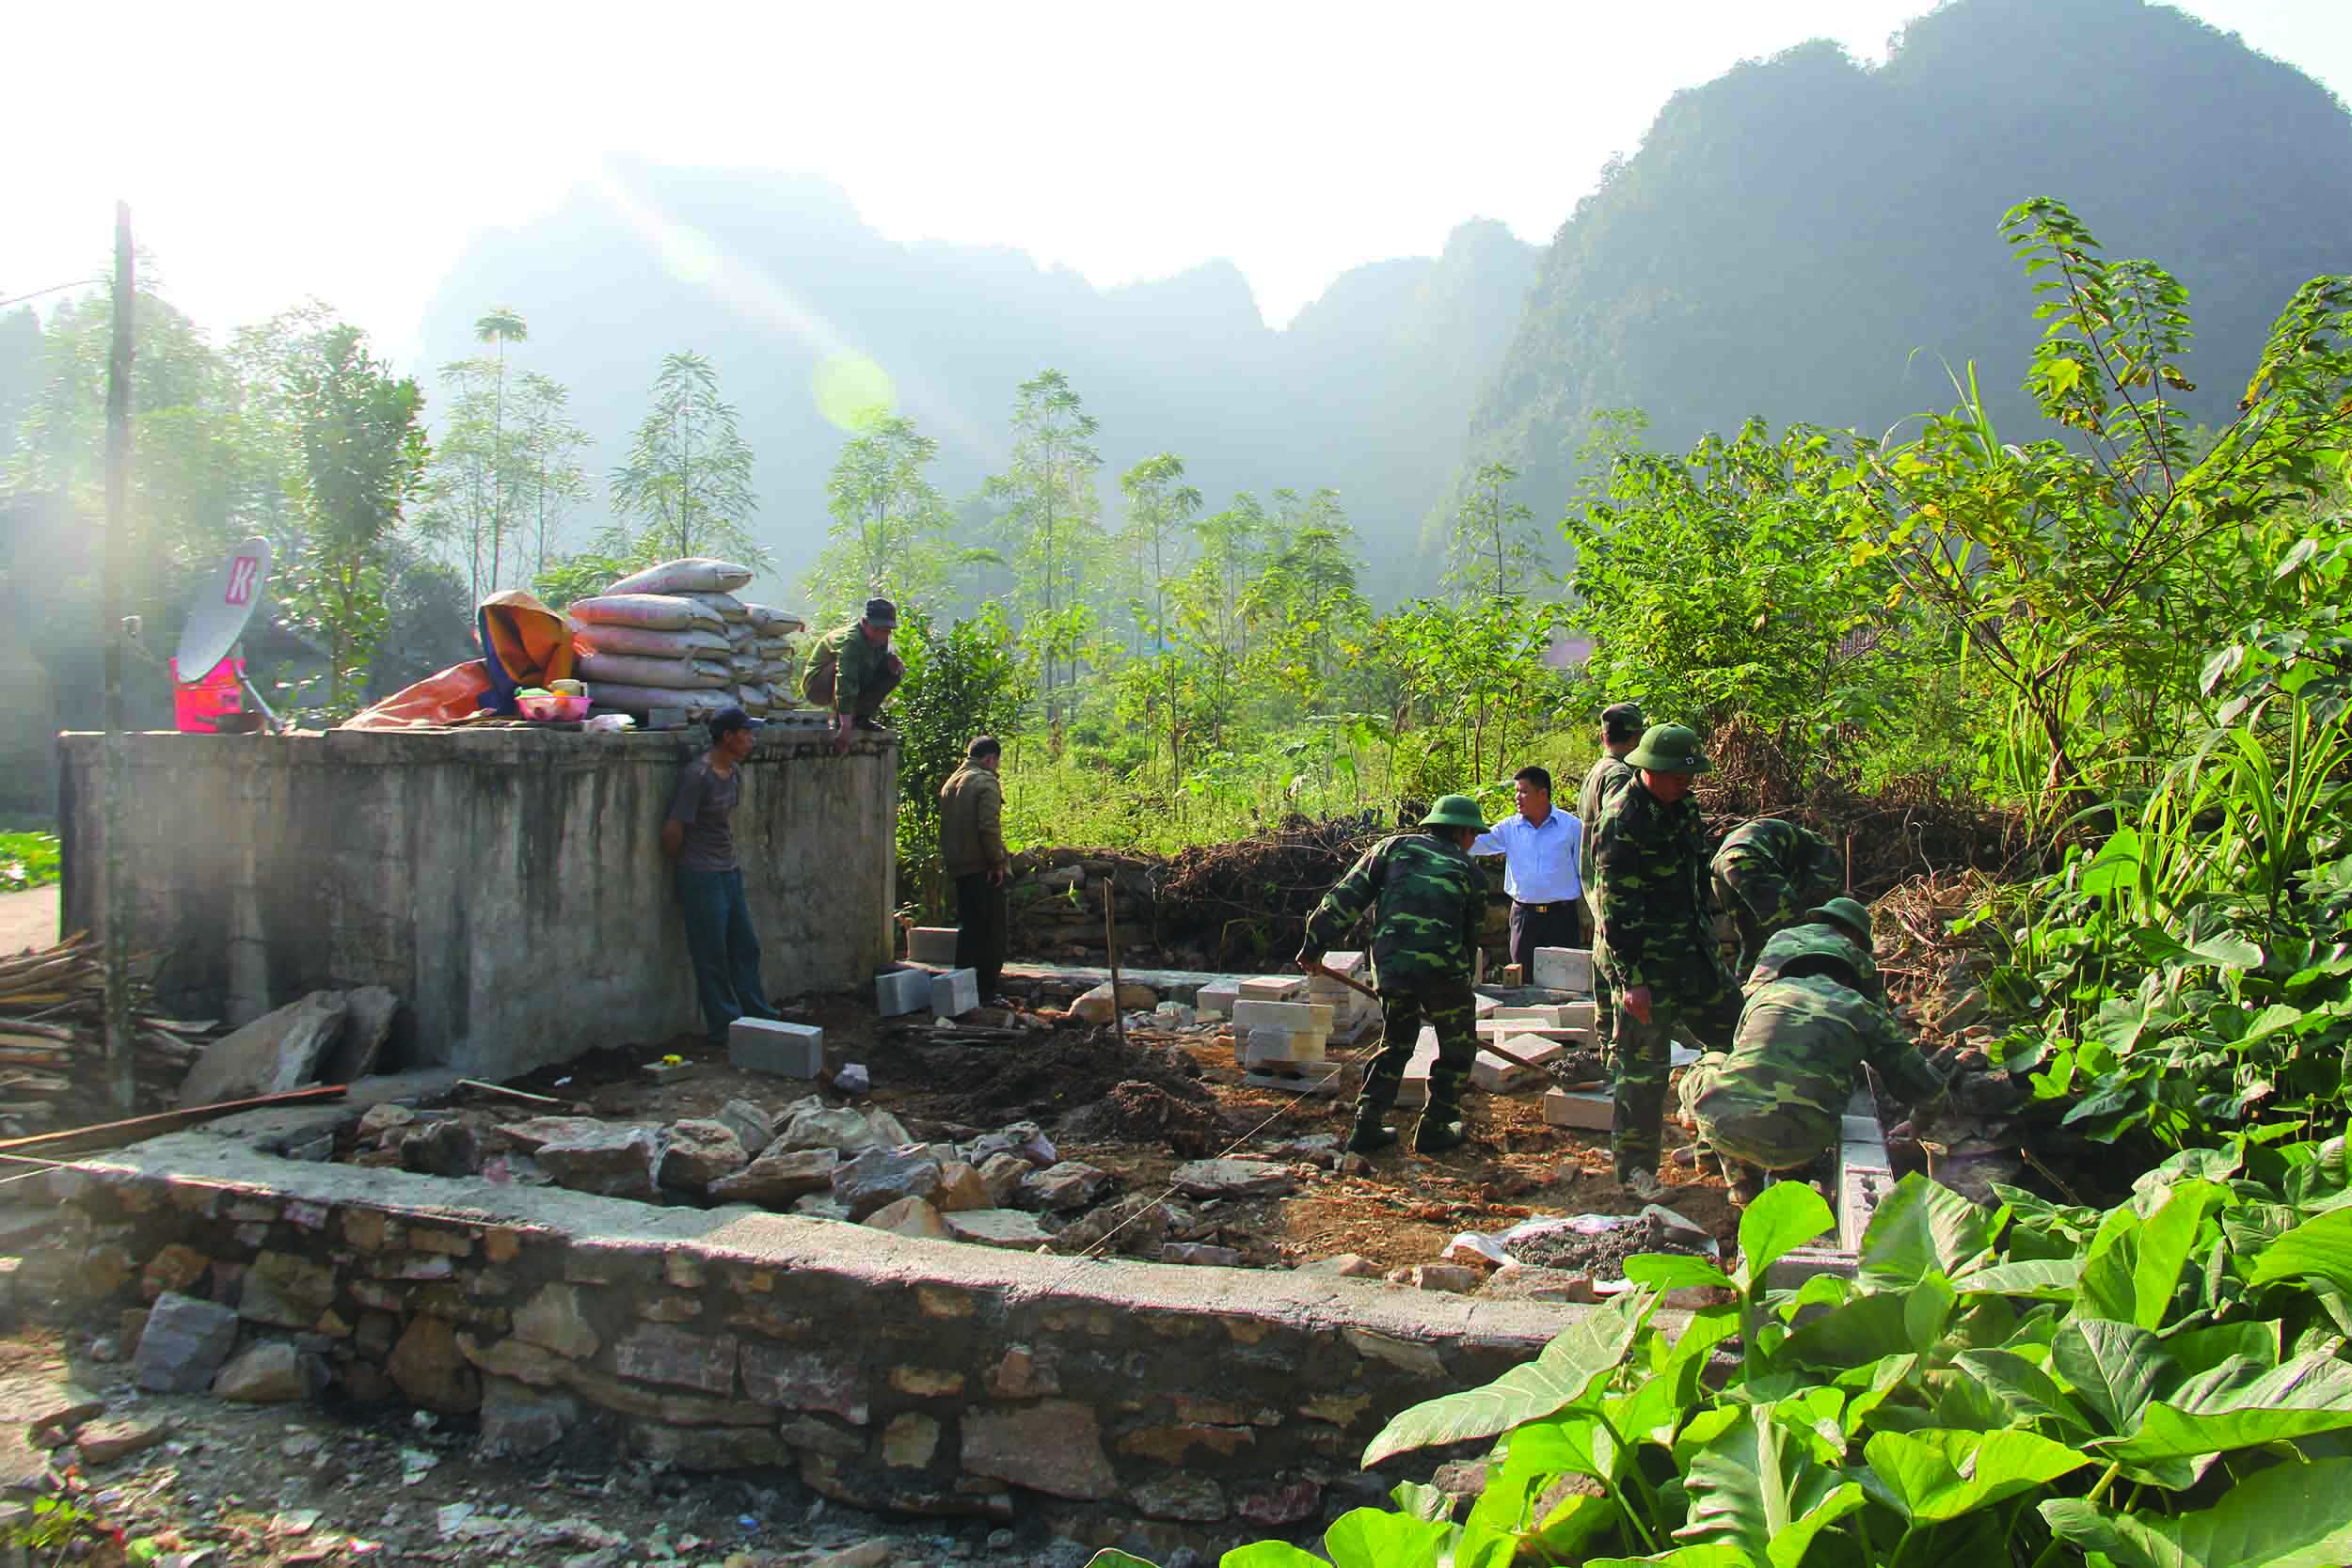 Bộ đội Biên phòng giúp dân xây dựng nhà cửa, chuồng trại. (Ảnh: Hiếu Anh)